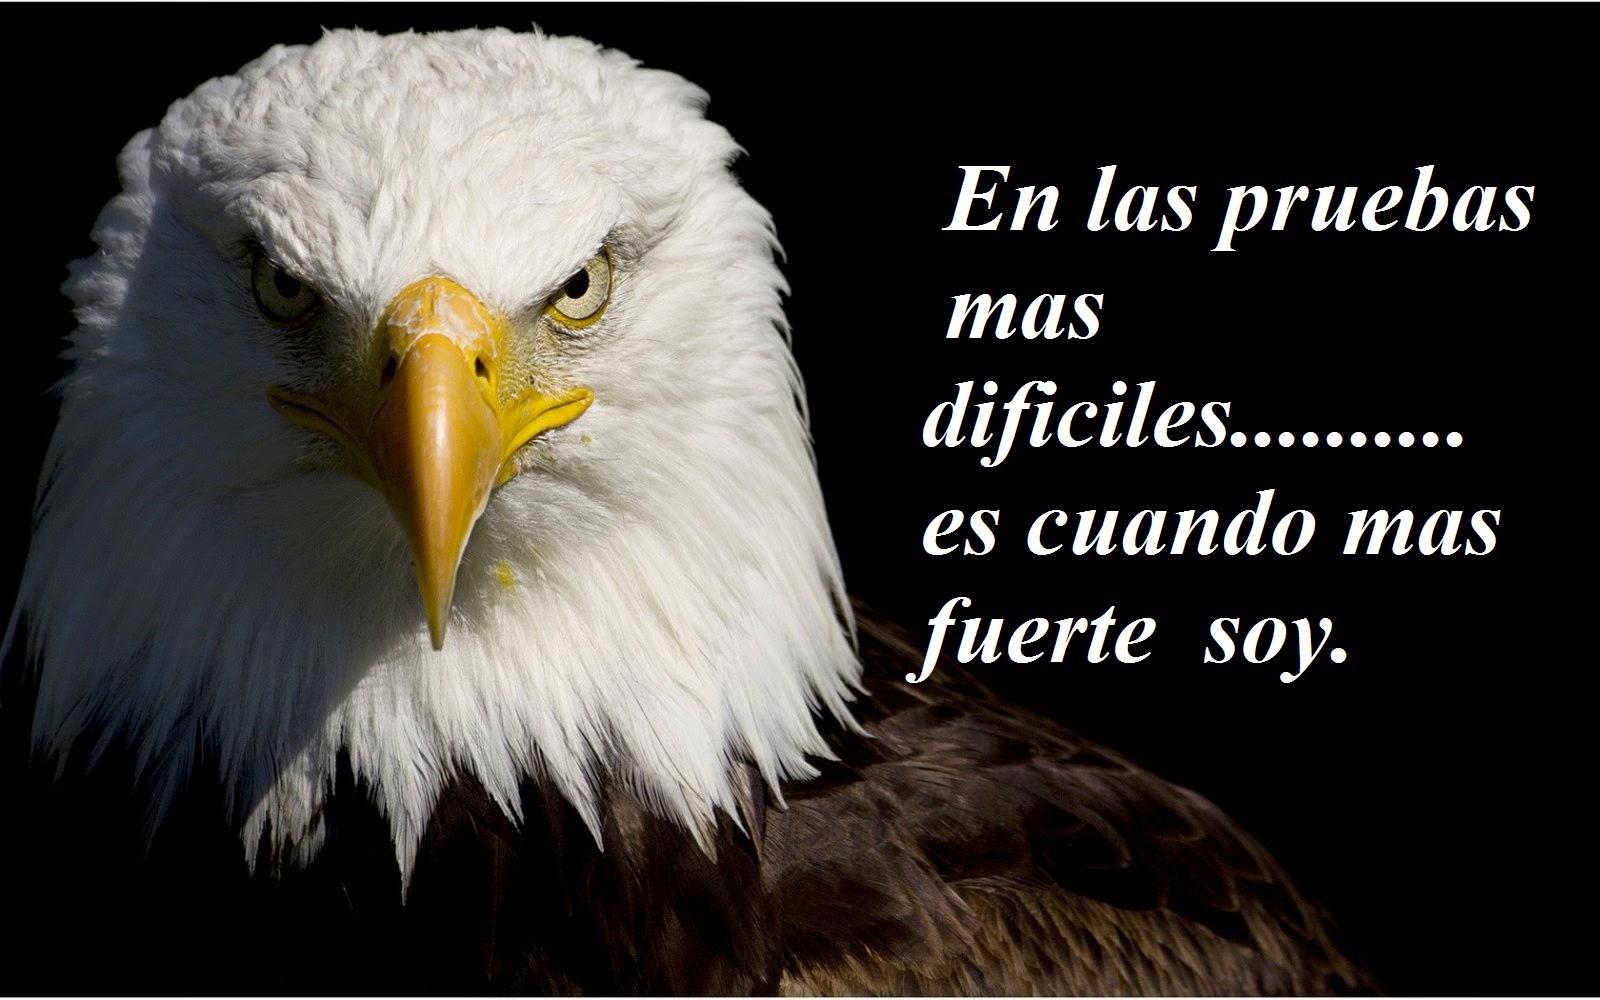 Frases chidas de amor (5) - Literato.es